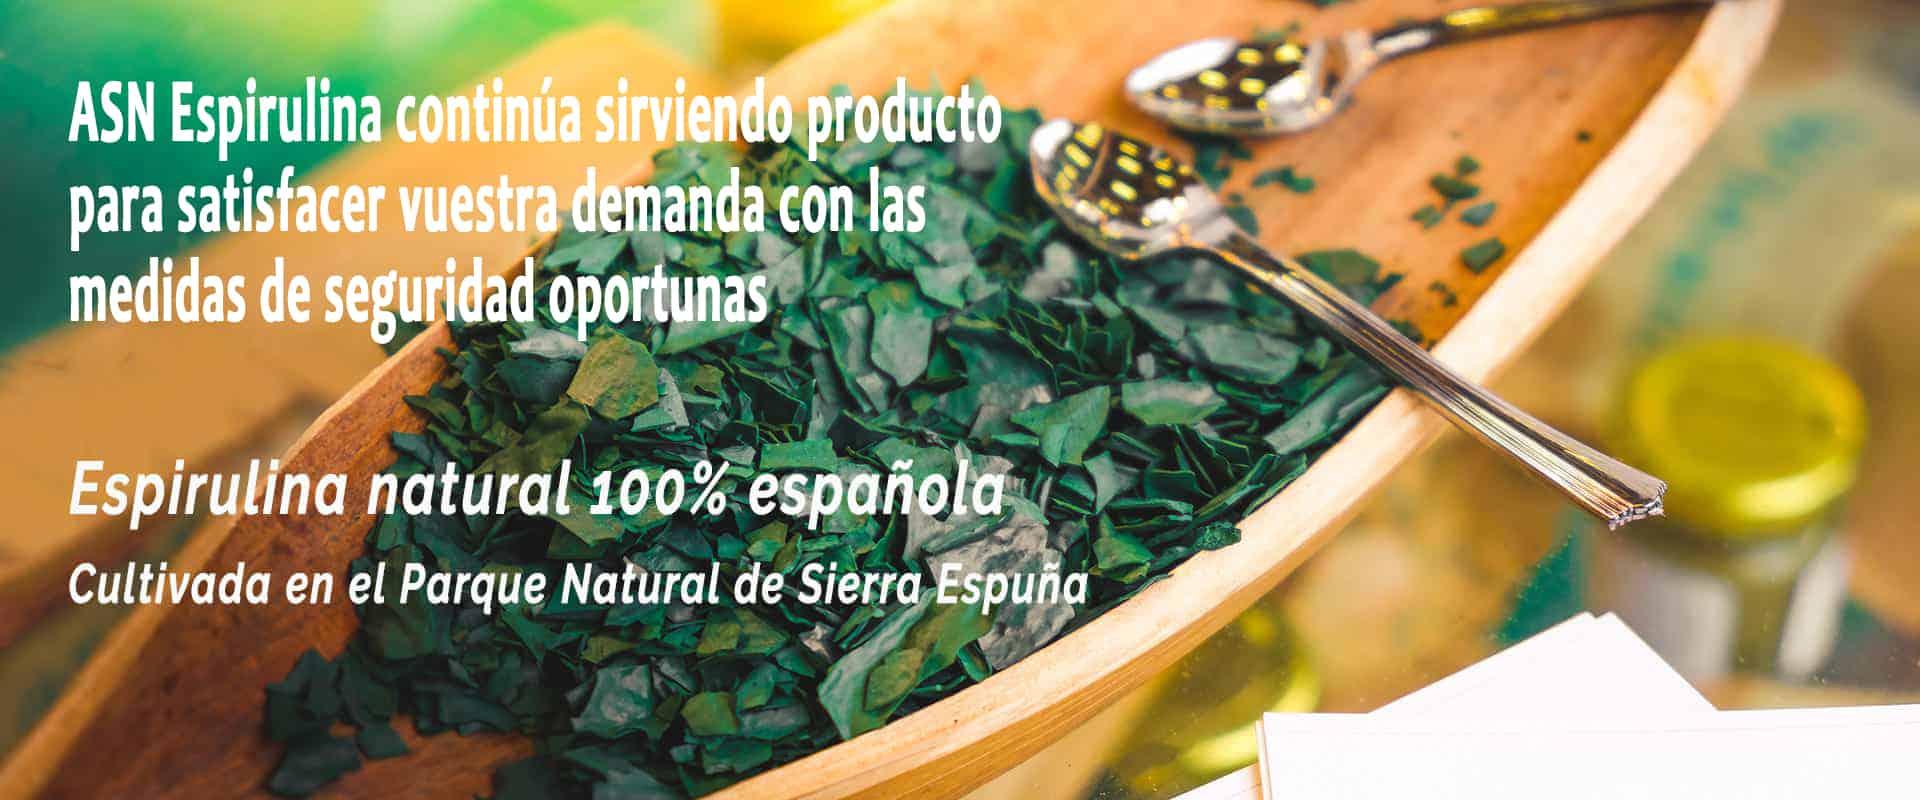 Comprar ASN Espirulina 100% española y natural durante la crisis por el coronavirus